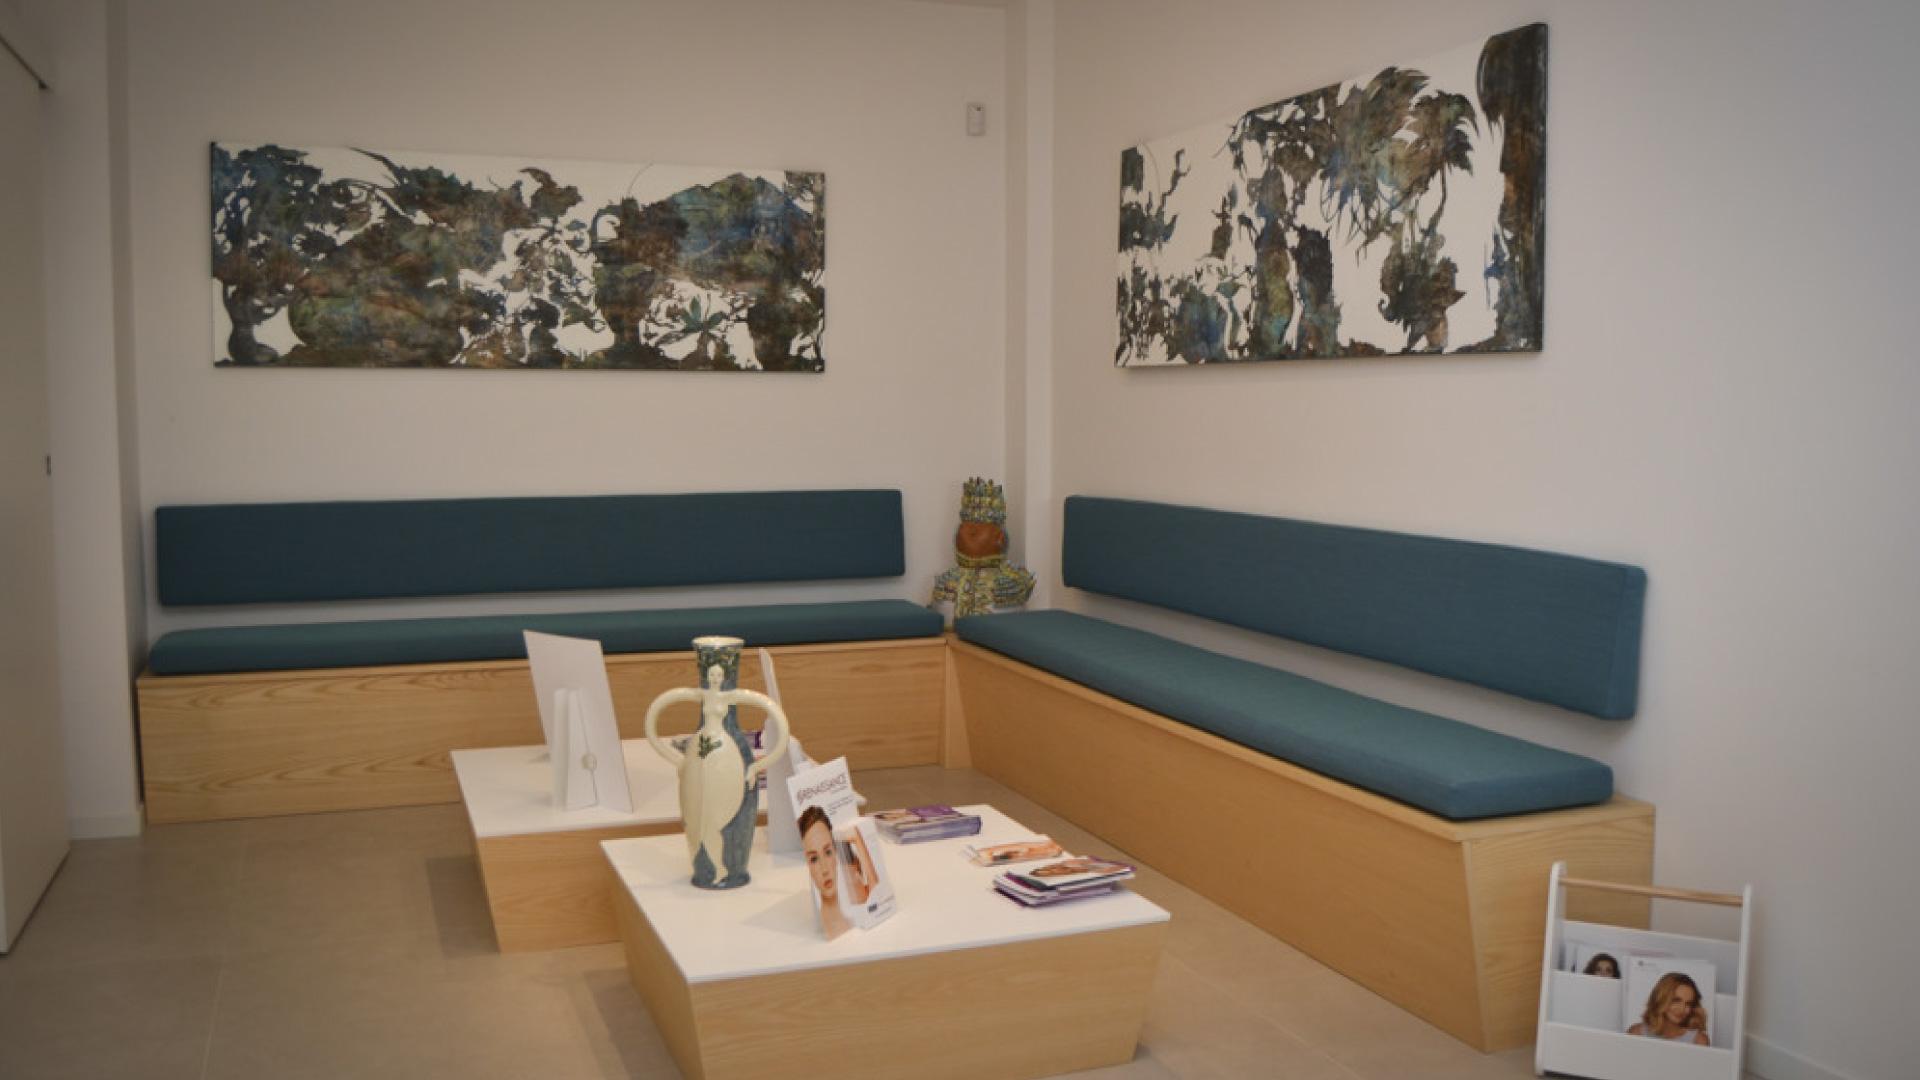 Chirurgia Estetica - Chirurgia della mano - Medicina Estetica - Laser Terapia - Catania - Chipla